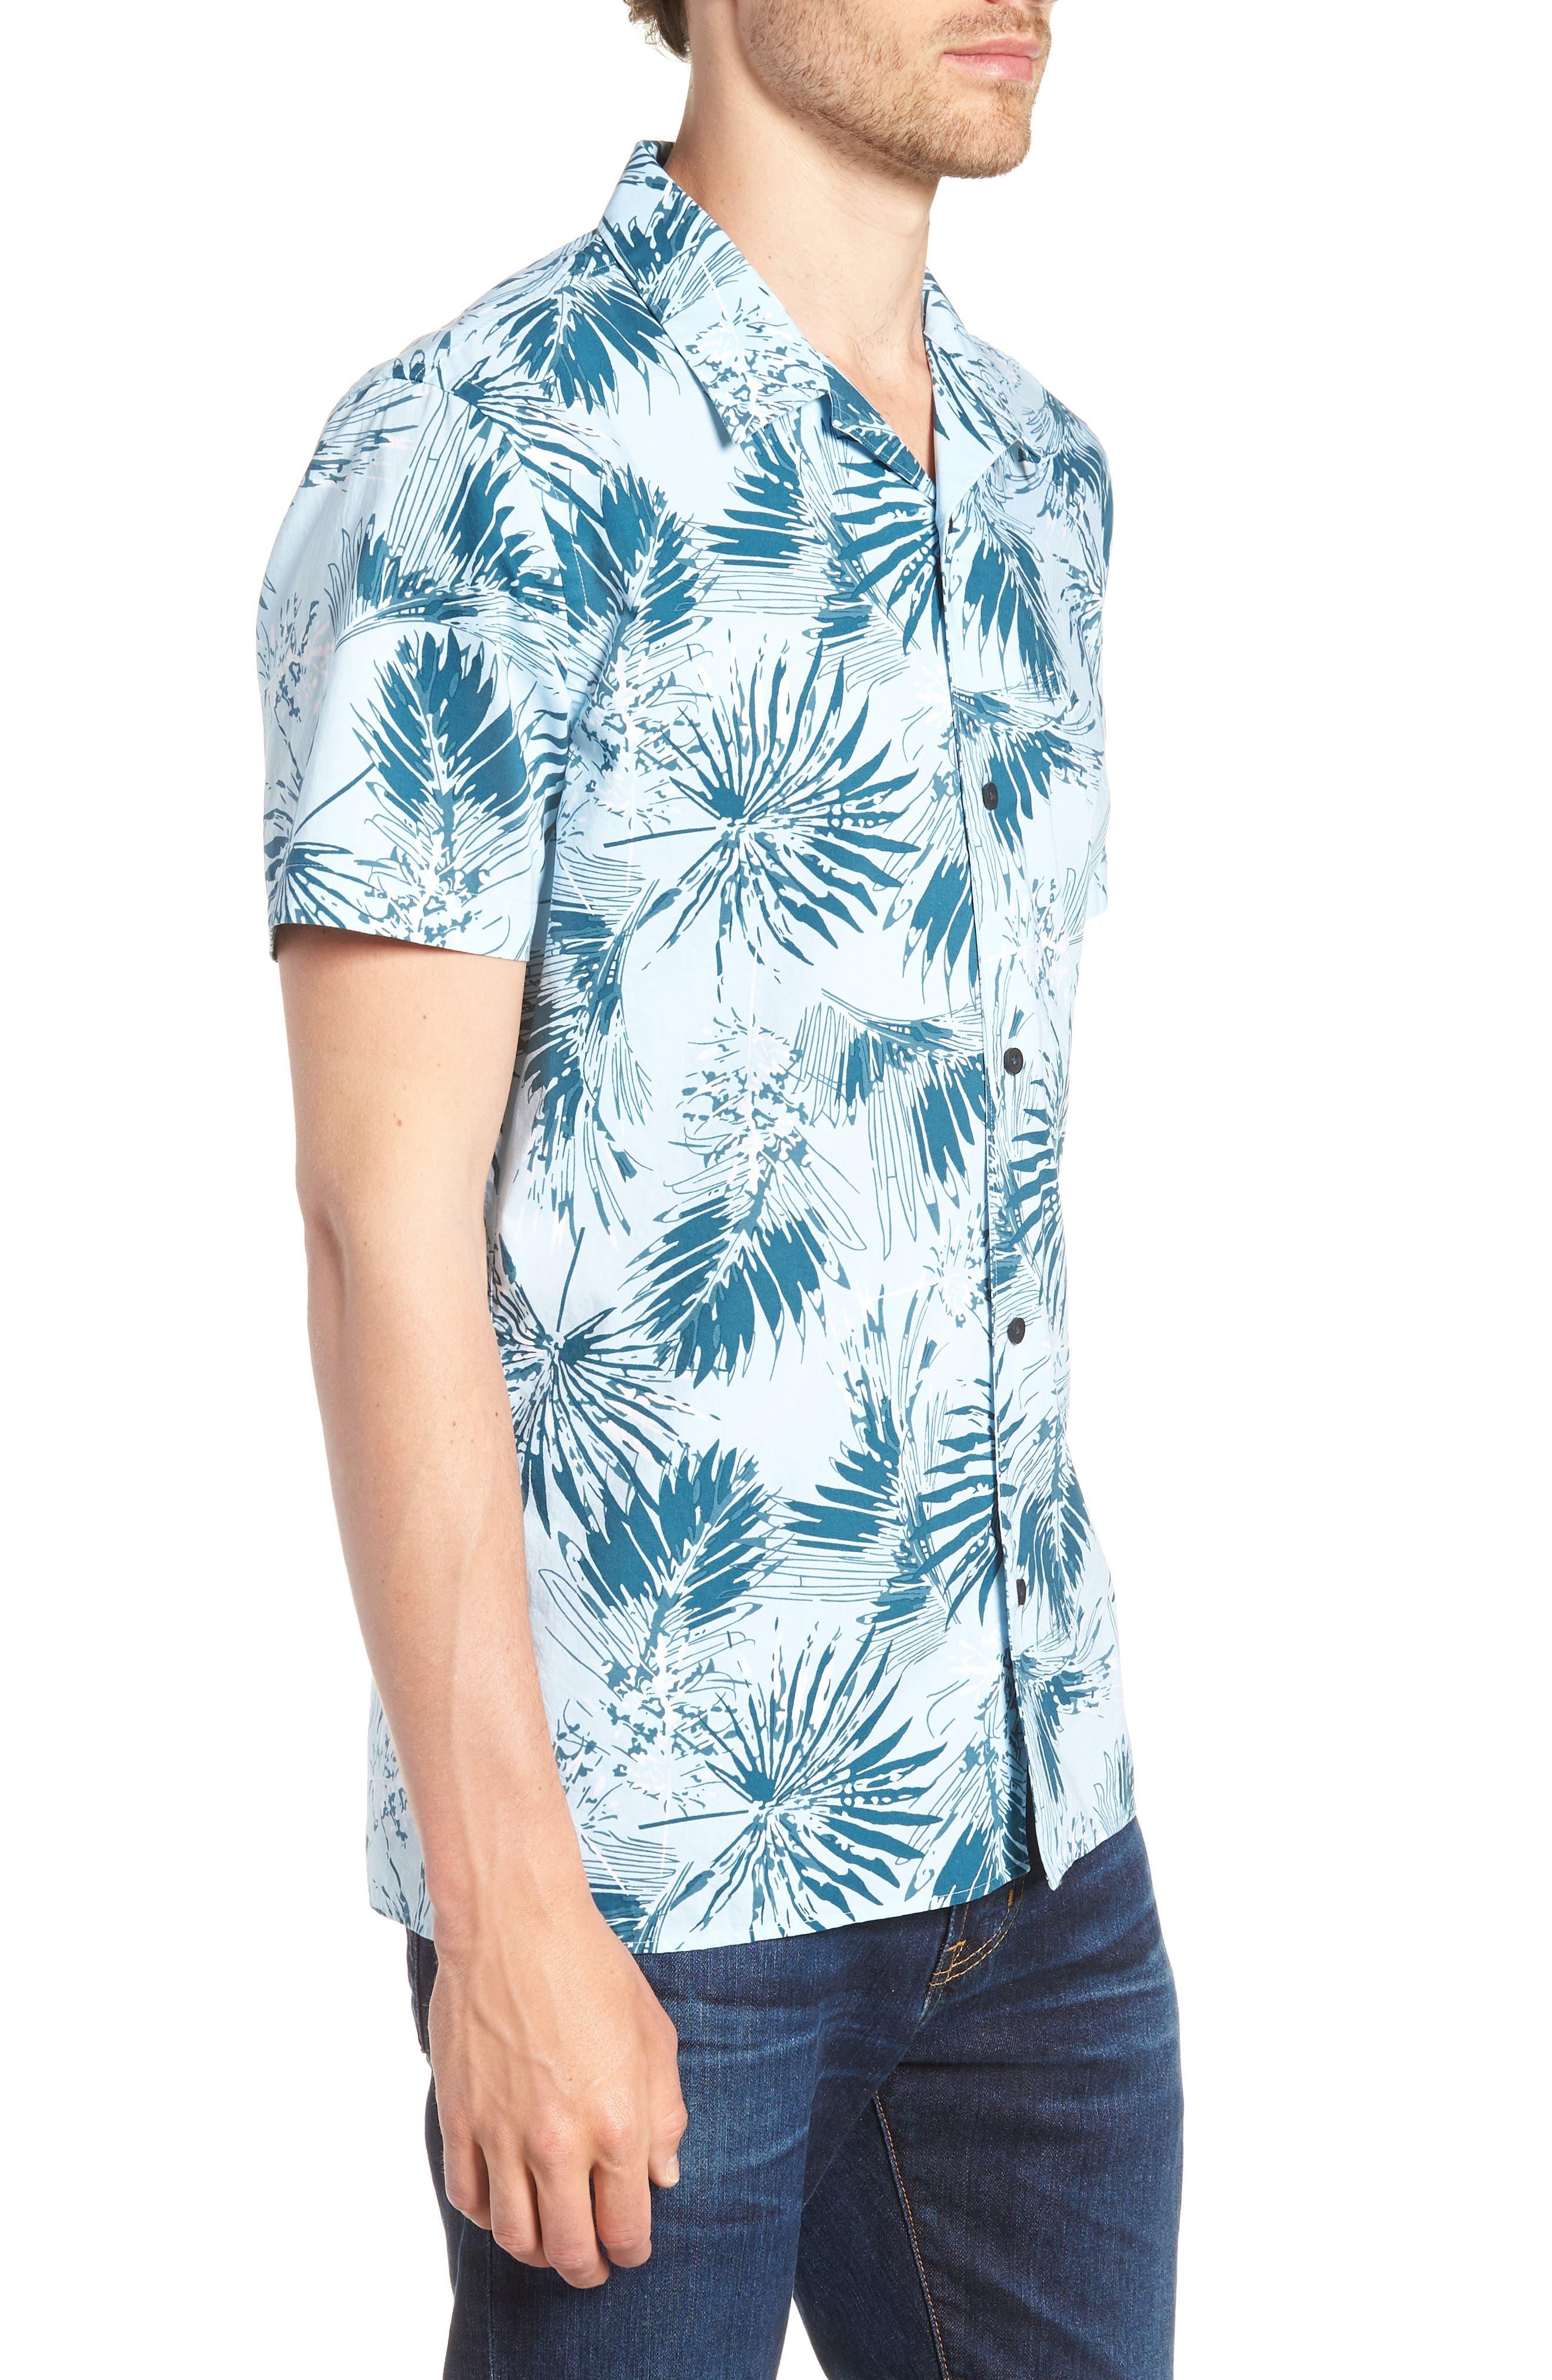 Trim Fit Palm Print Camp Shirt,                             Alternate thumbnail 4, color,                             Blue Cloud Fan Palms